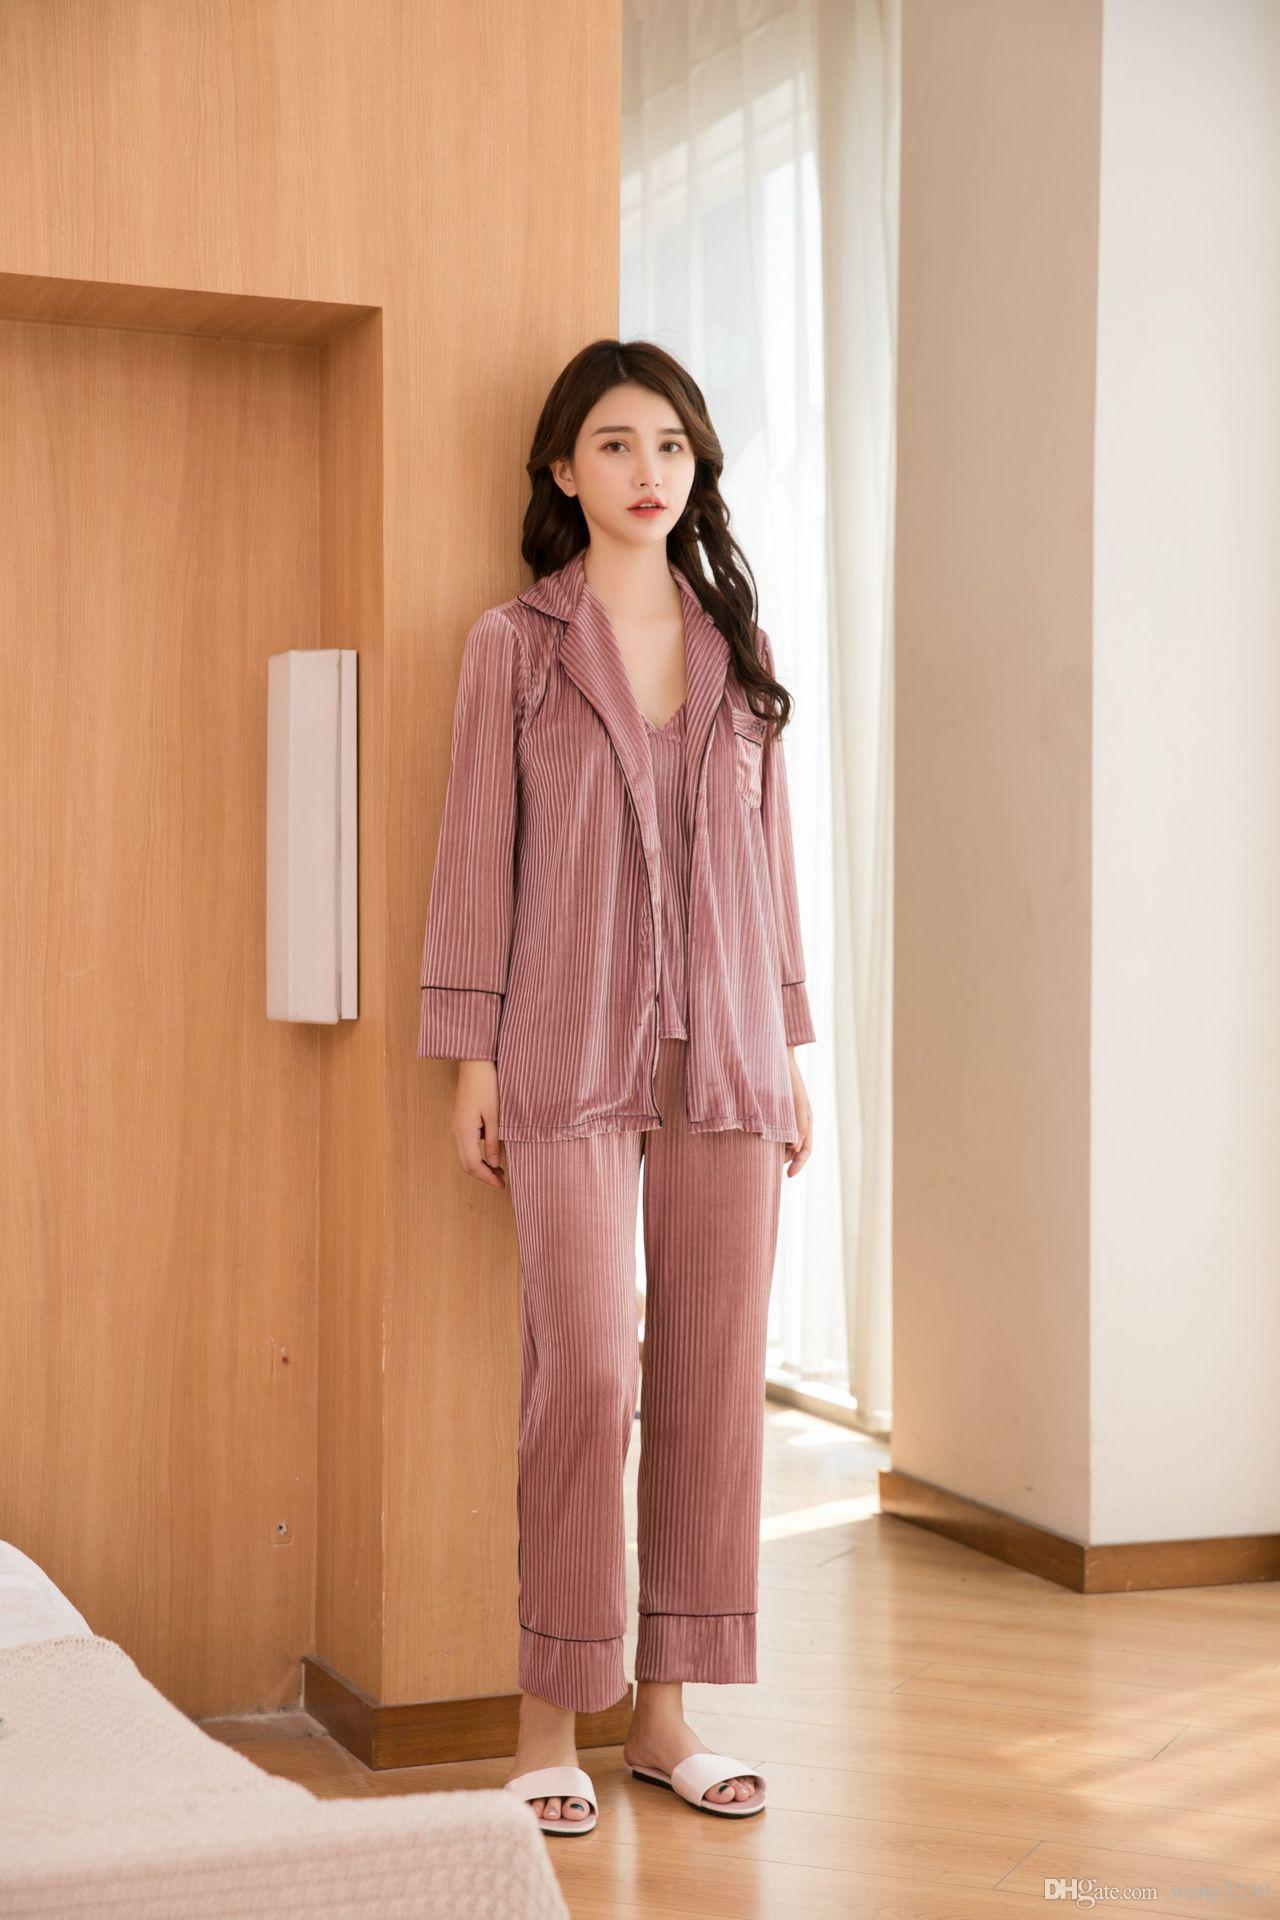 El nuevo Europa y los Estados Unidos pleuche pijamas damas qiu dong el traje de traje de arnés cómodo suave traje de tres piezas leisurewear